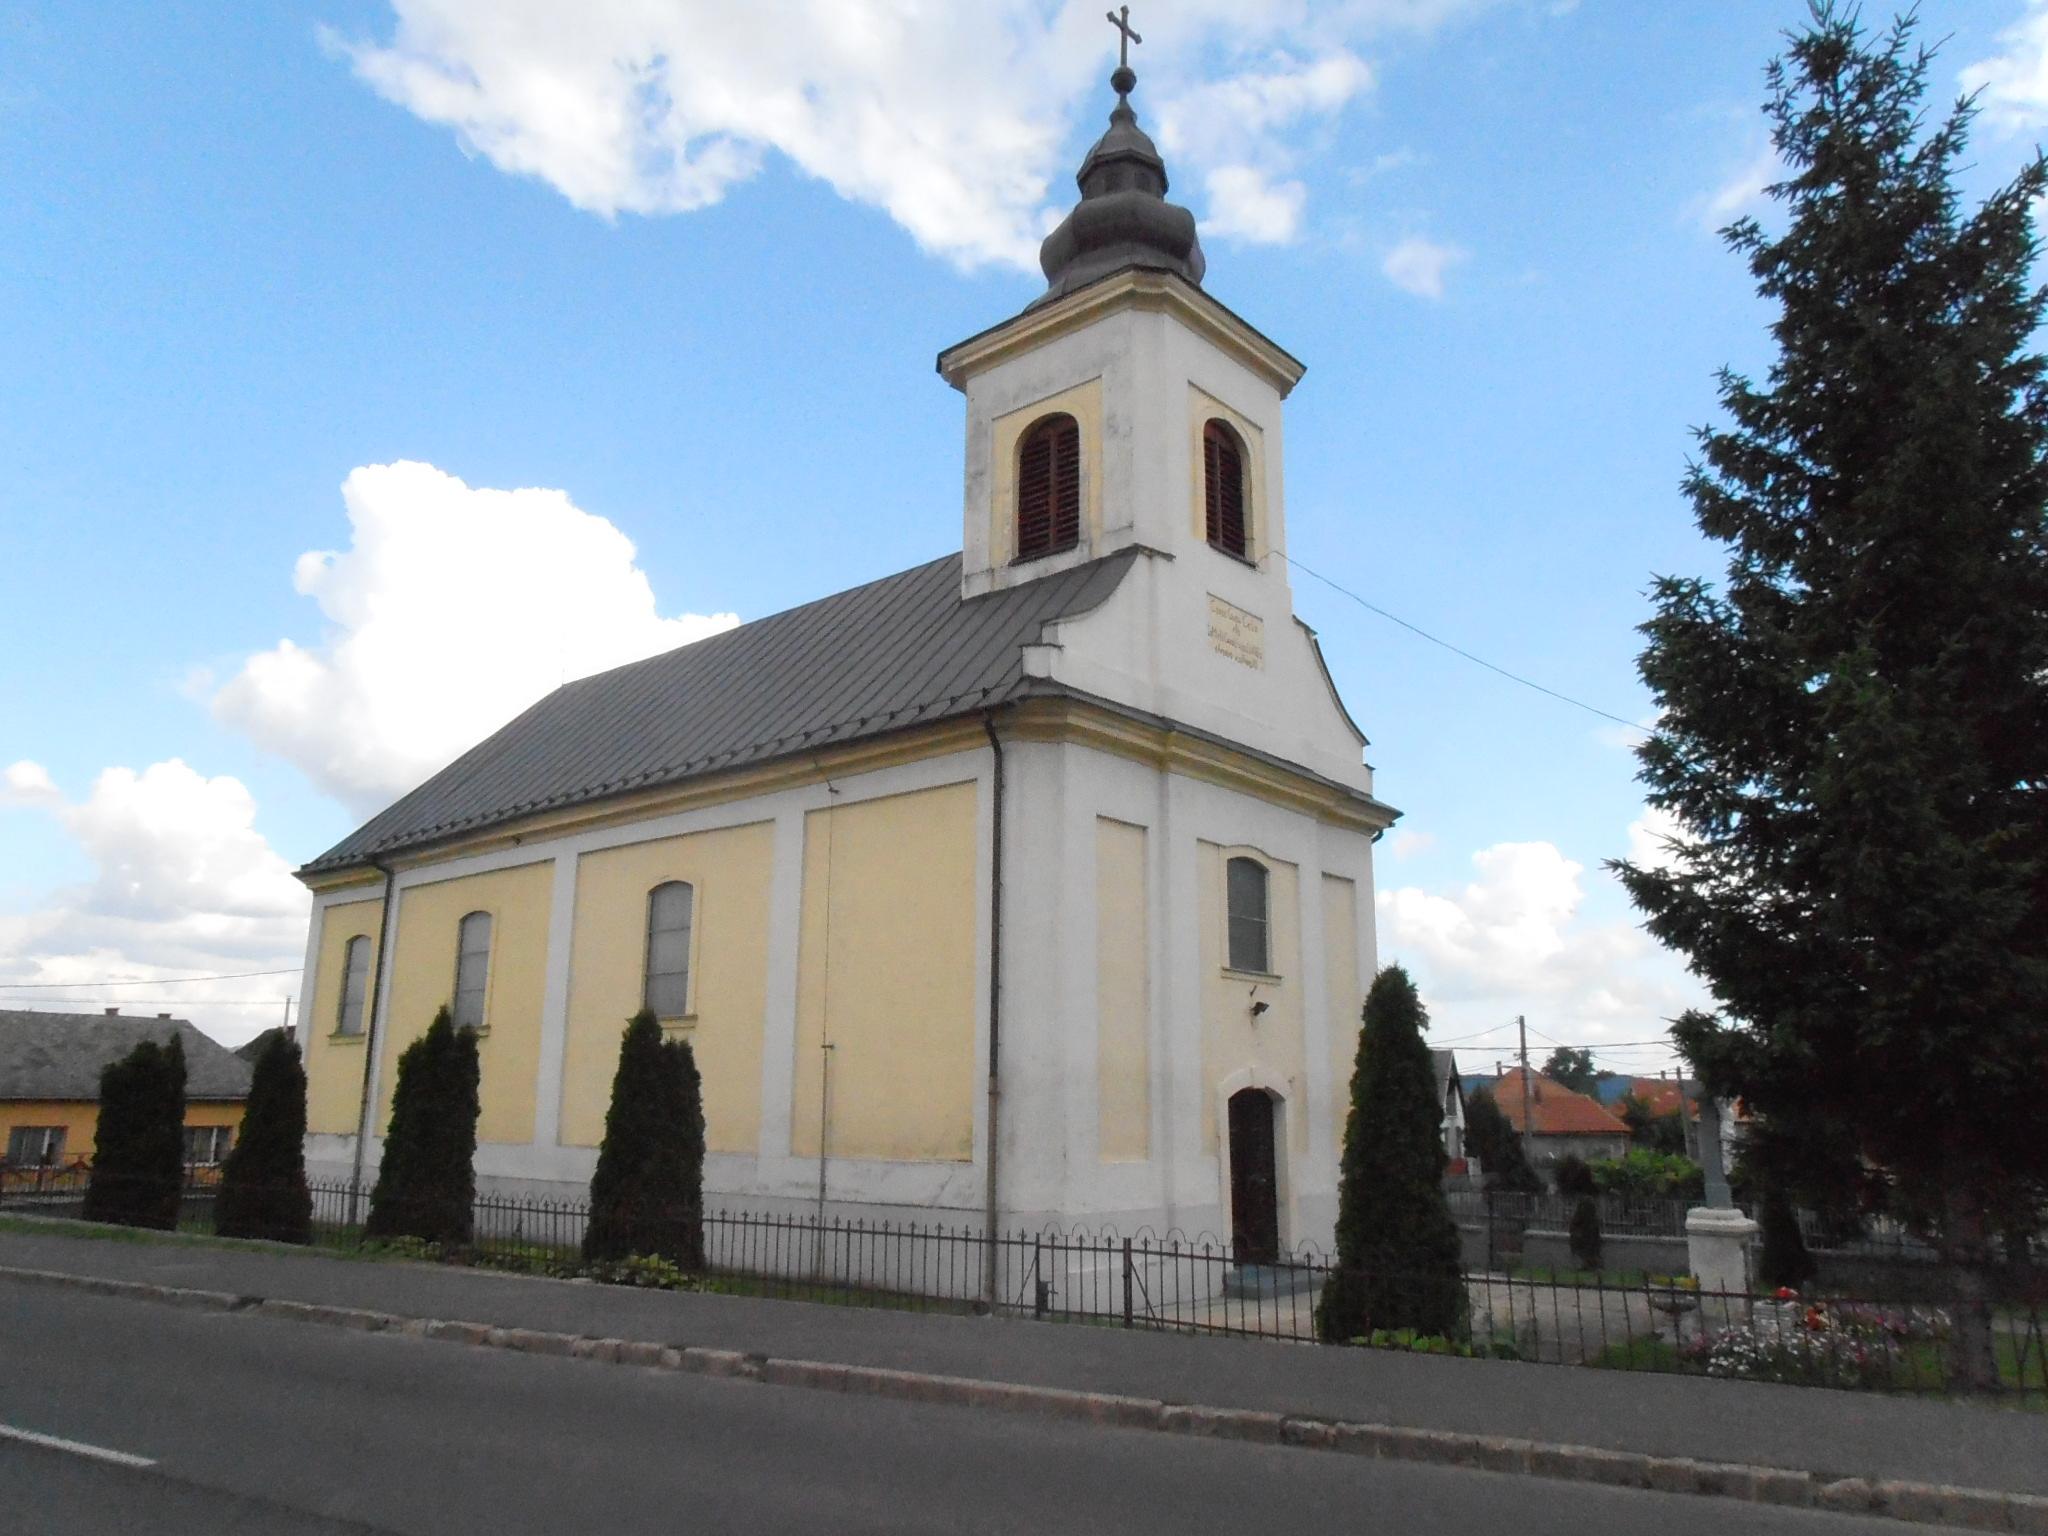 File:Szent József katolikus templom, Encs.JPG - Wikimedia ...